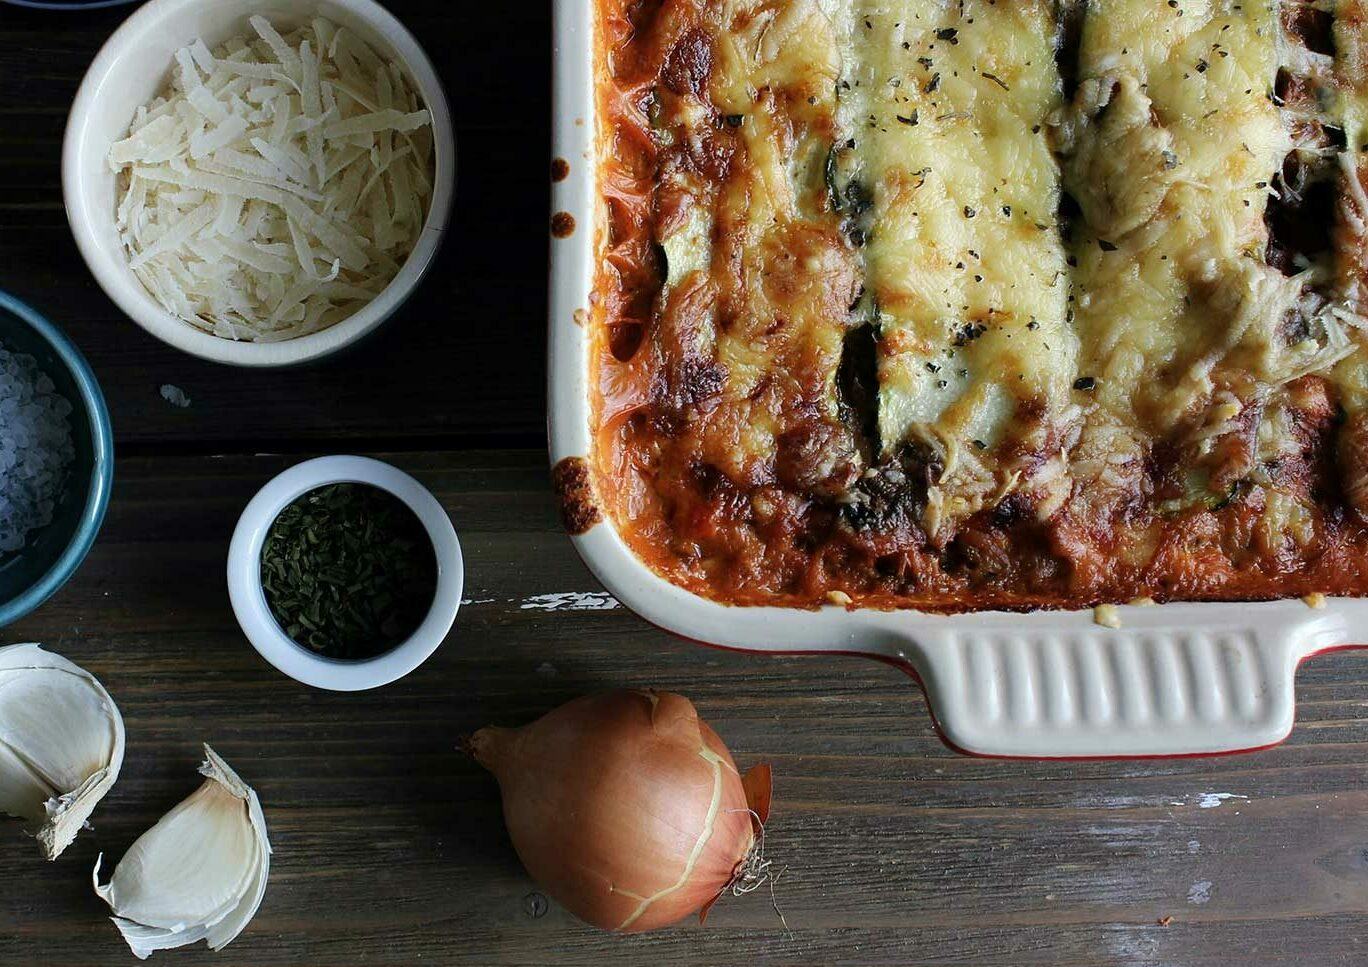 Zutaten und der fertige Kartoffel-Spinat-Auflauf